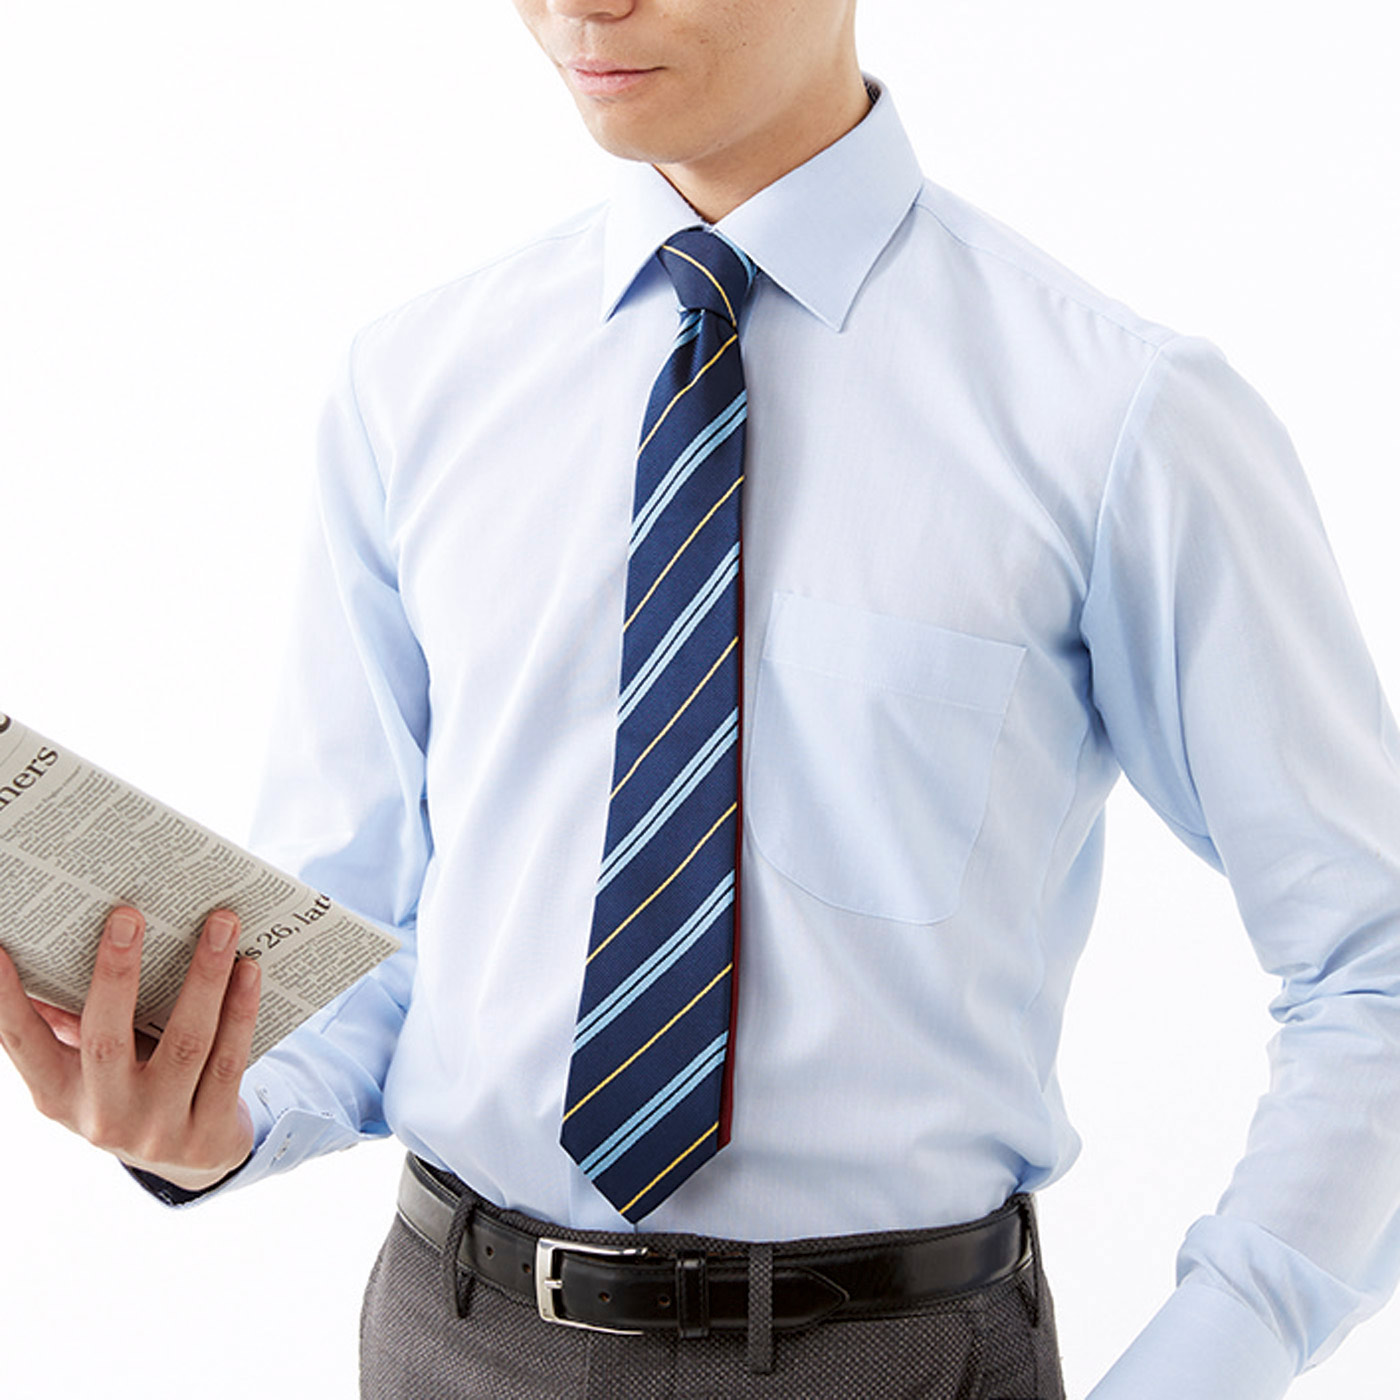 仕事中はできる男を演出するベーシックなストライプを。